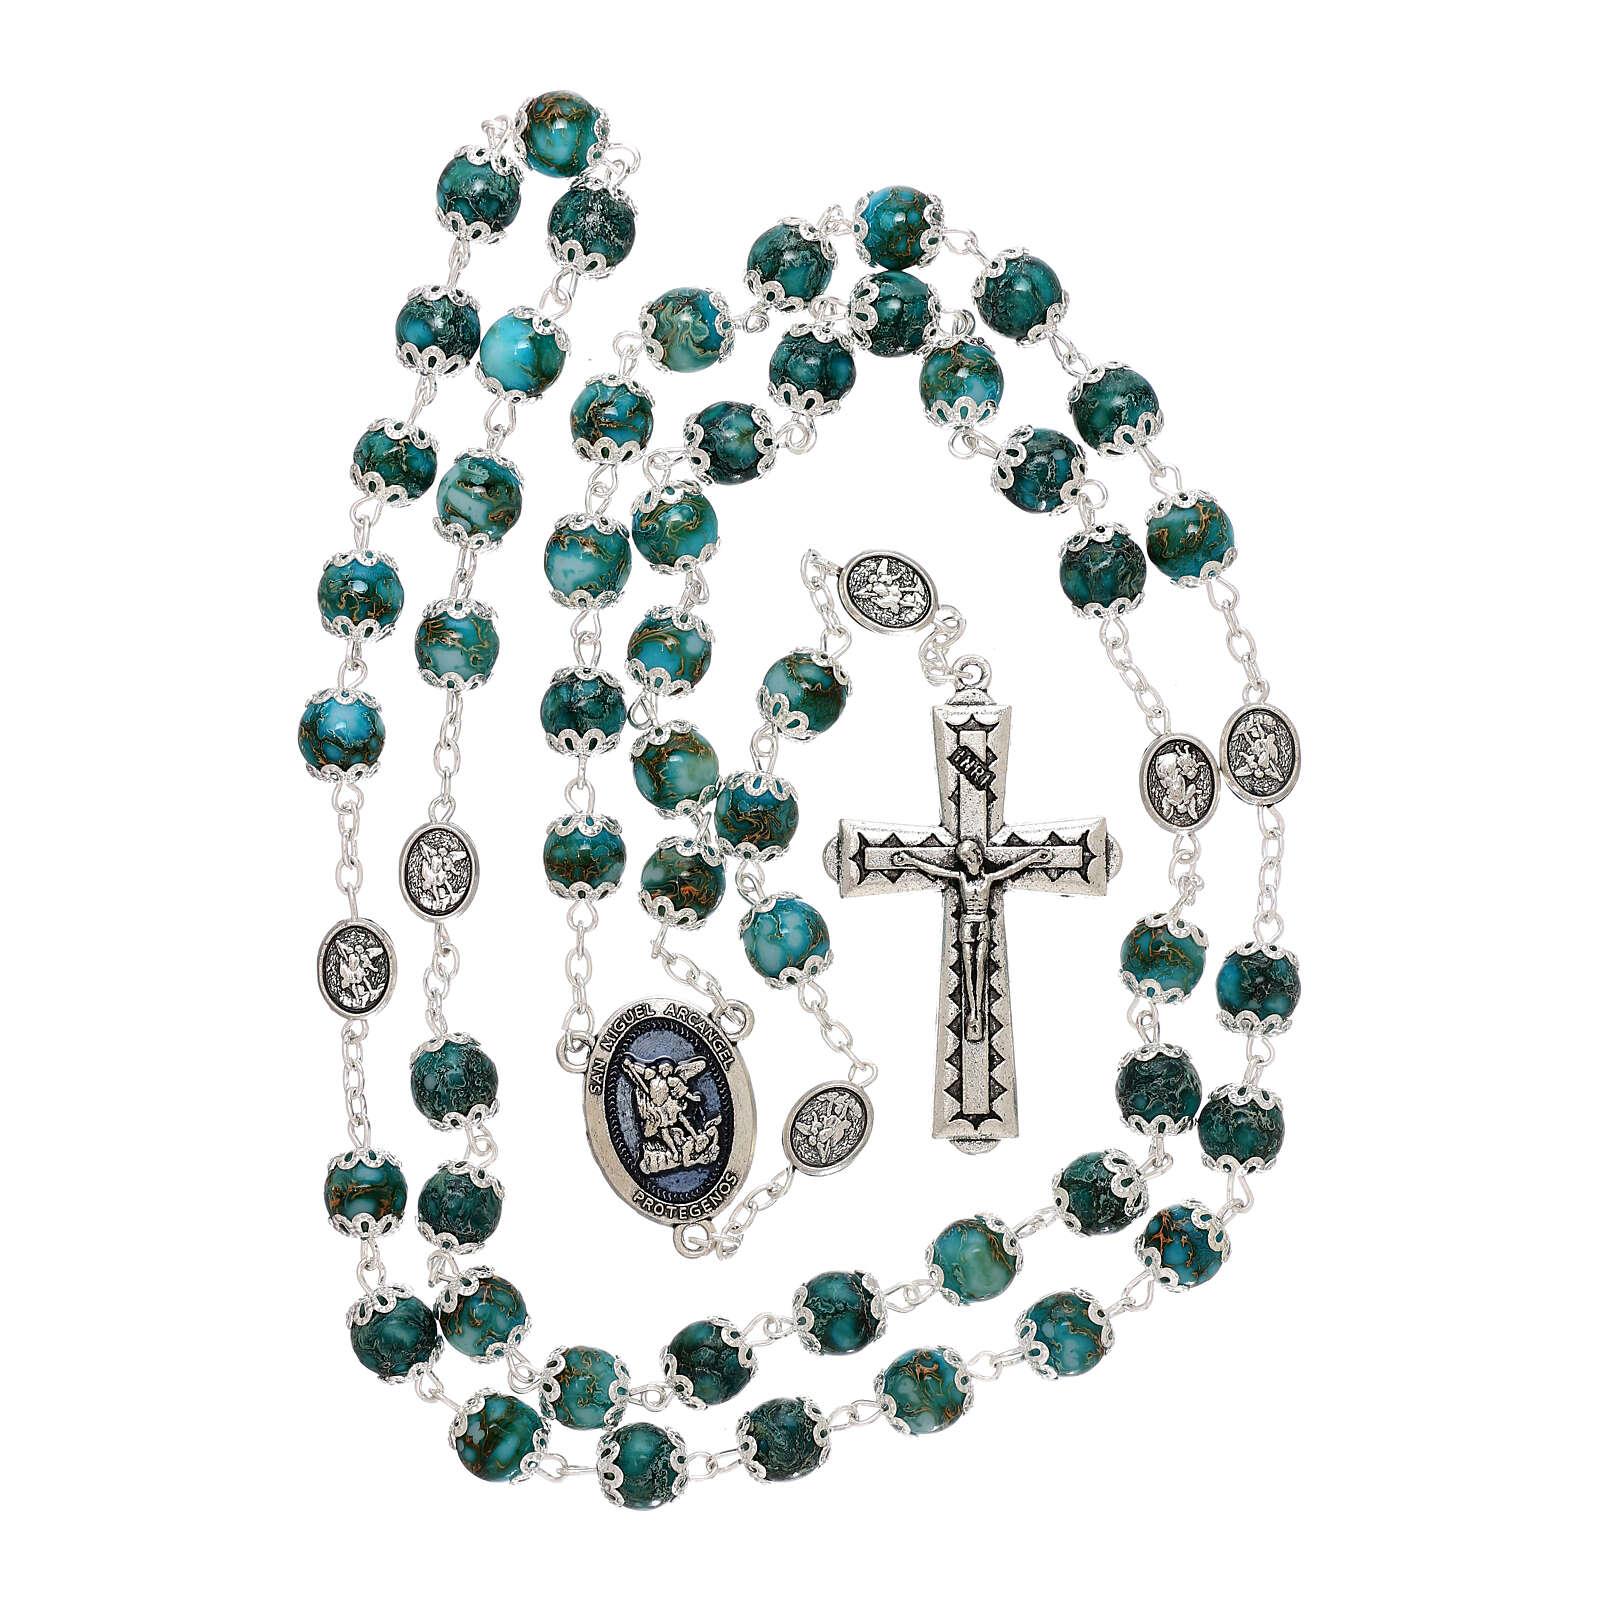 Chapelet Saint Michel verre turquoise 6 mm 4